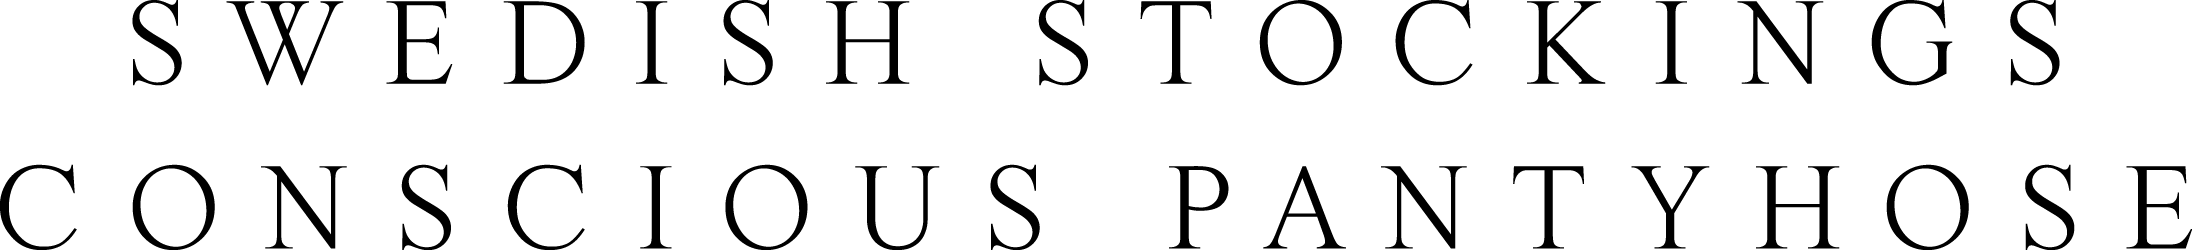 Swedish_Stockings_Logotype_1.png